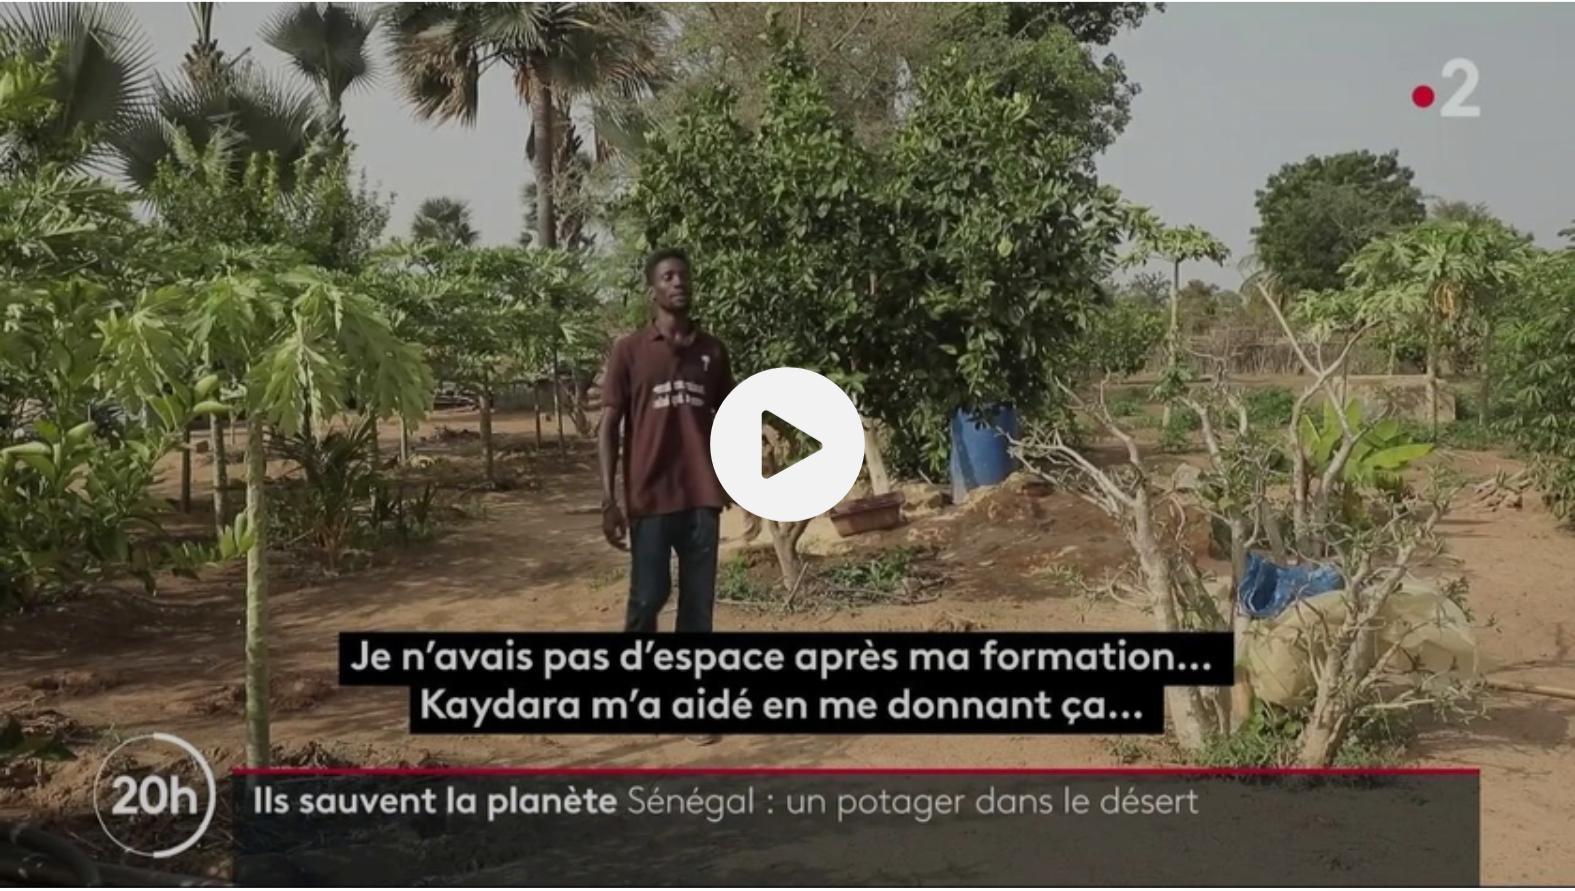 Reportage sur Gora Ndiaye et sa ferme école agro-écologique de Kaydara au Sénégal